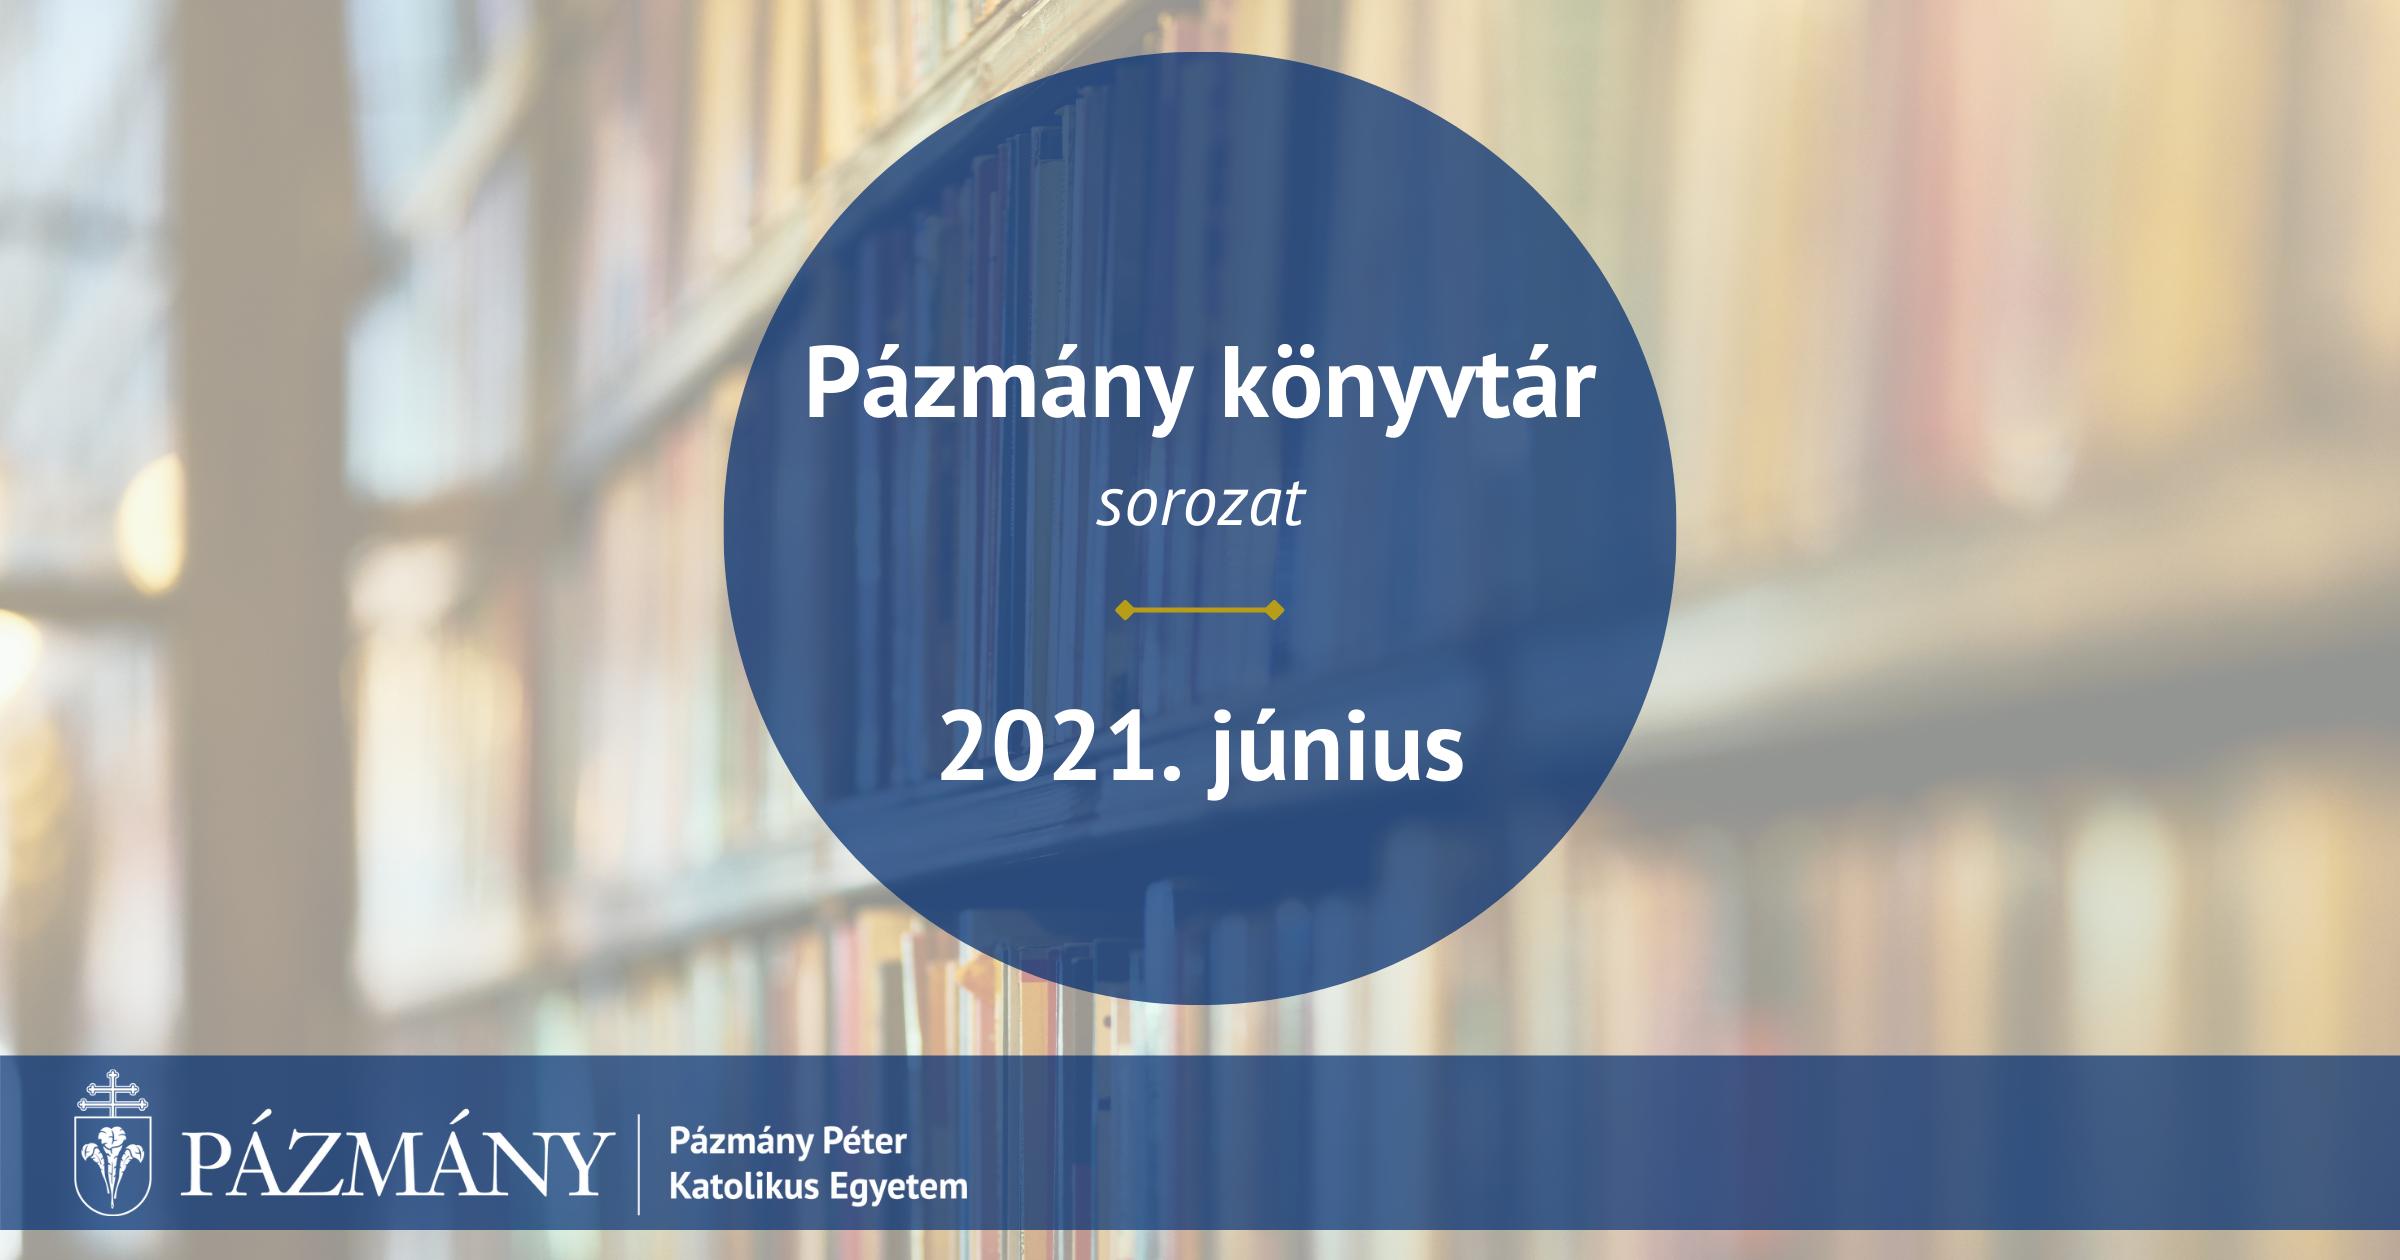 Pázmány könyvtár: 2021. június